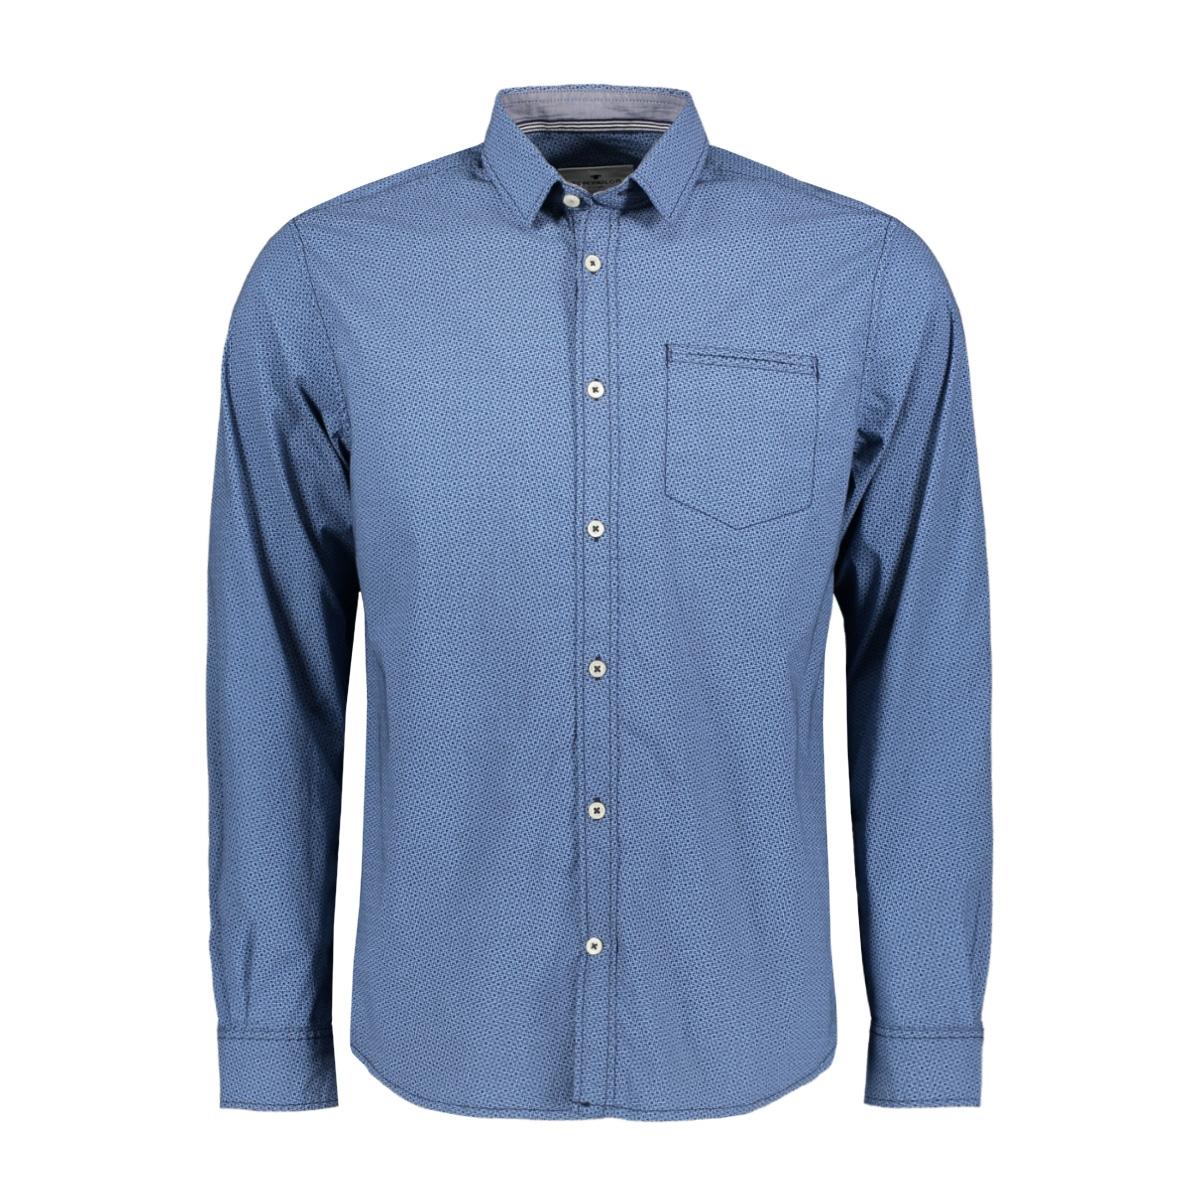 overhemd met all over print 1020645xx10 tom tailor overhemd 22281